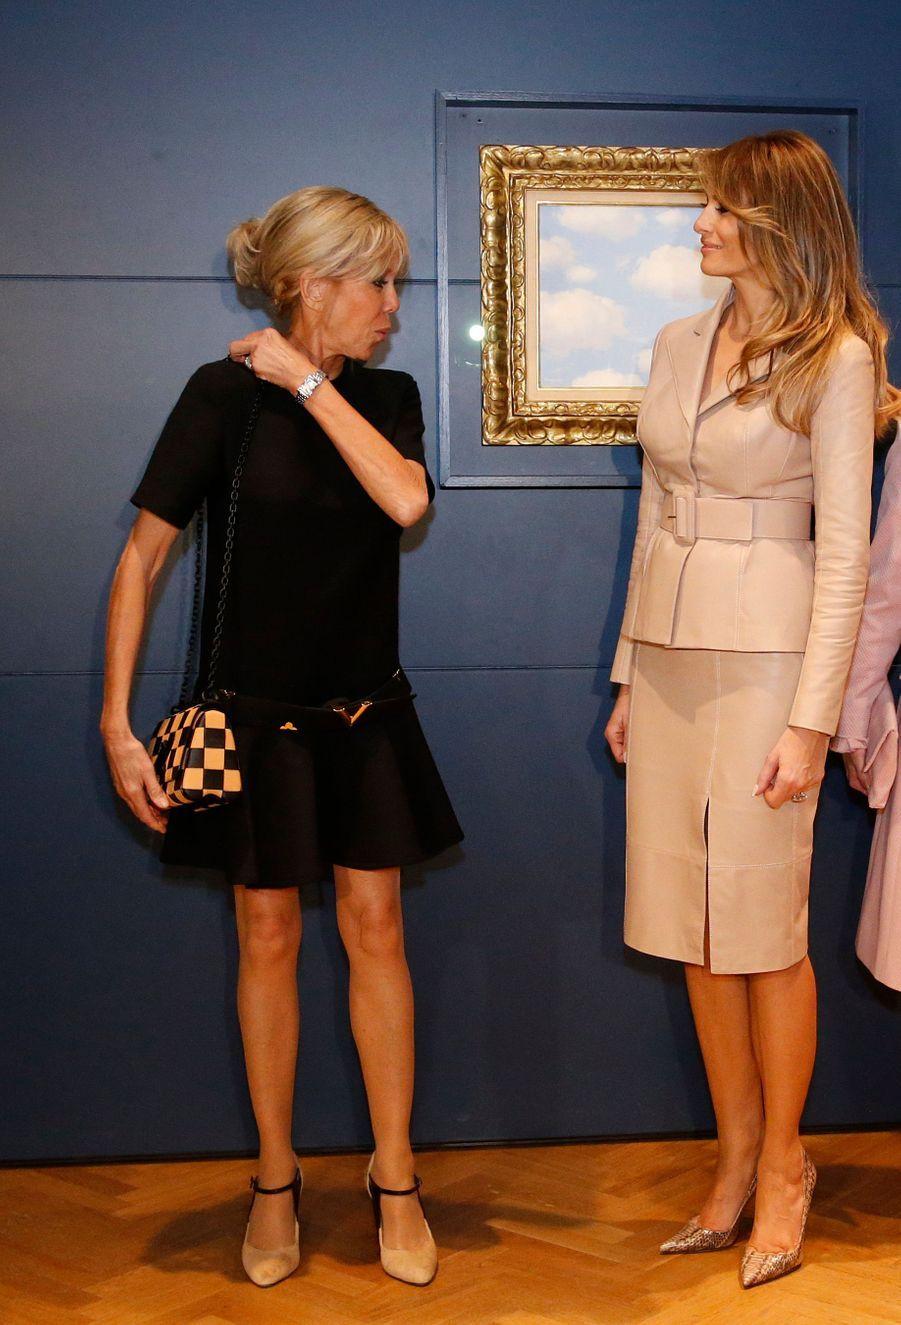 Rencontre entre Brigitte Macron et Melania Trump aumusée Magritte, à Bruxelles jeudi après-midi.